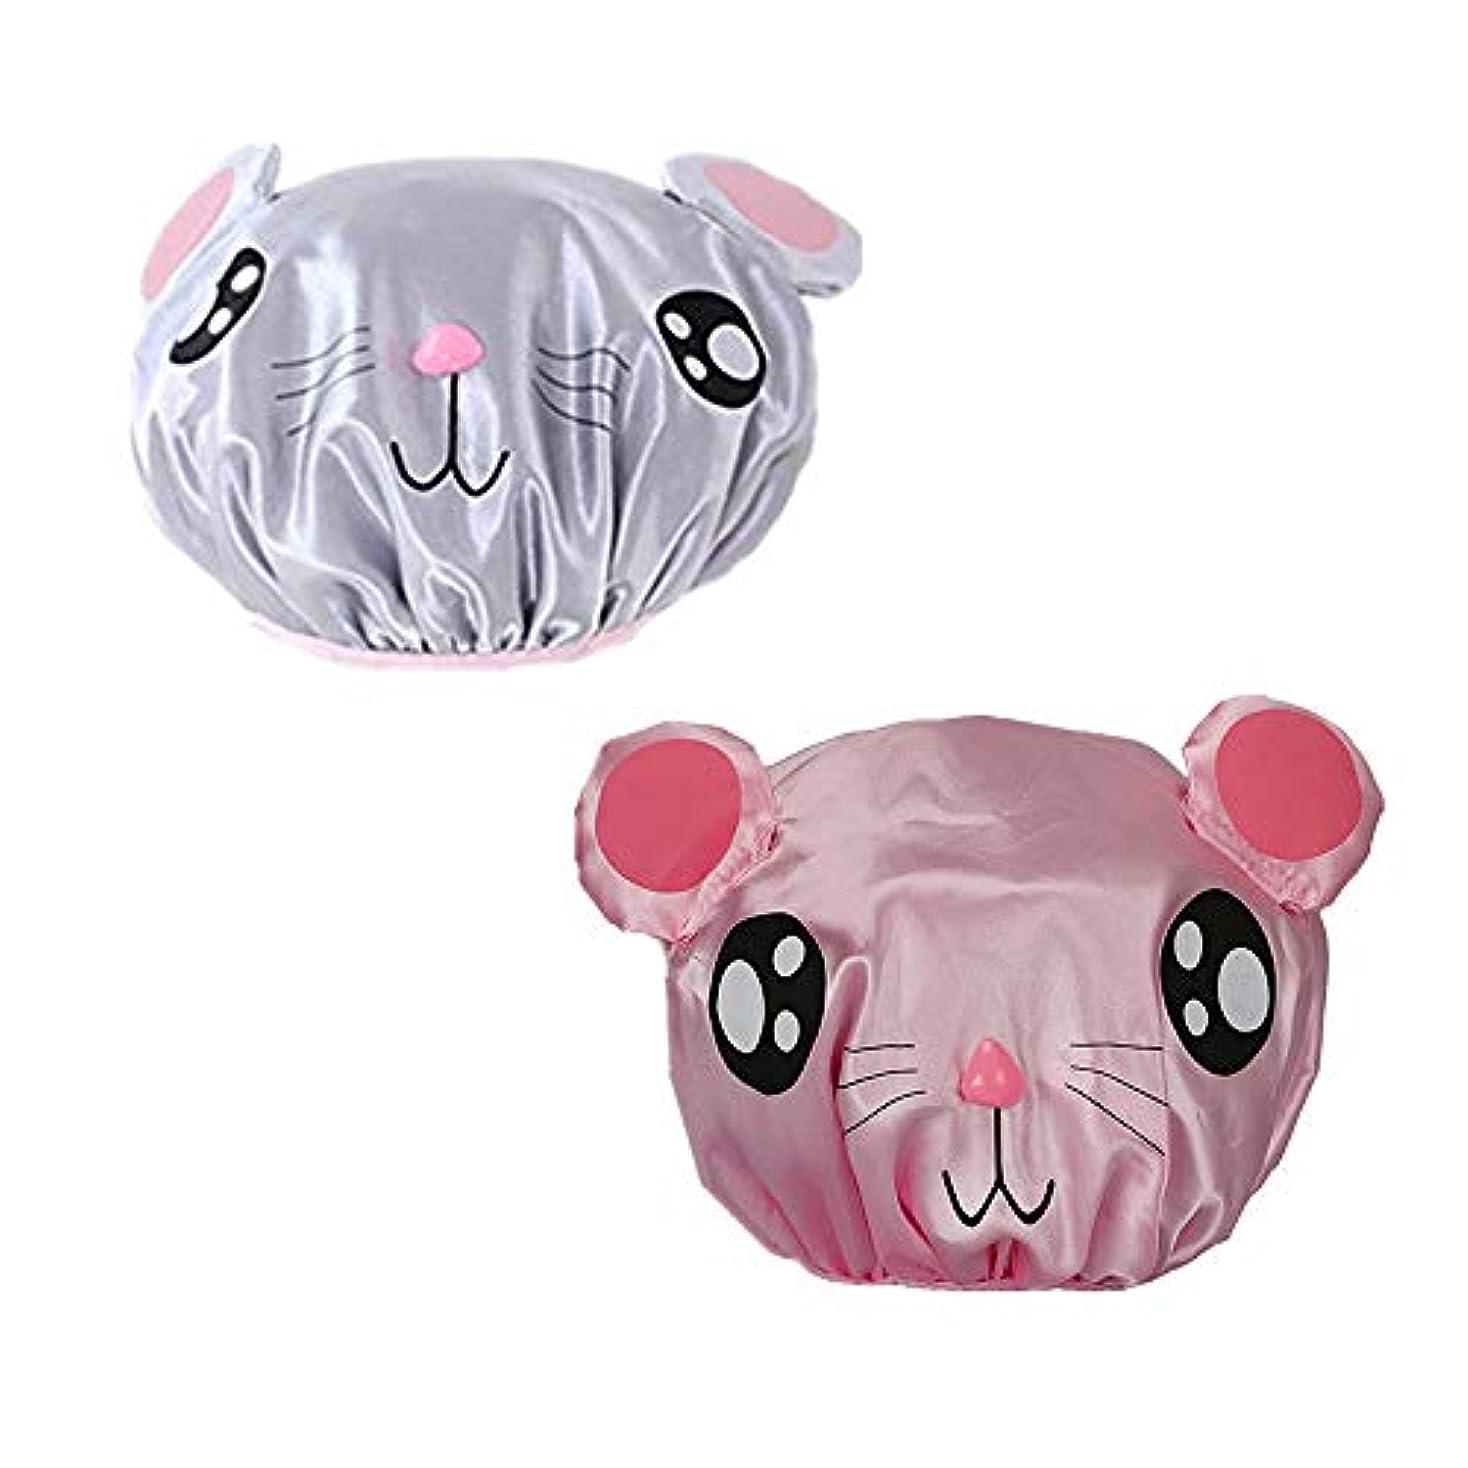 売るぐるぐる国際Kingsie シャワーキャップ キッズ 子供用 2枚セット ヘアキャップ 可愛い 動物柄 カートゥーン 防水帽 入浴キャップ お風呂 ピンク/グレー